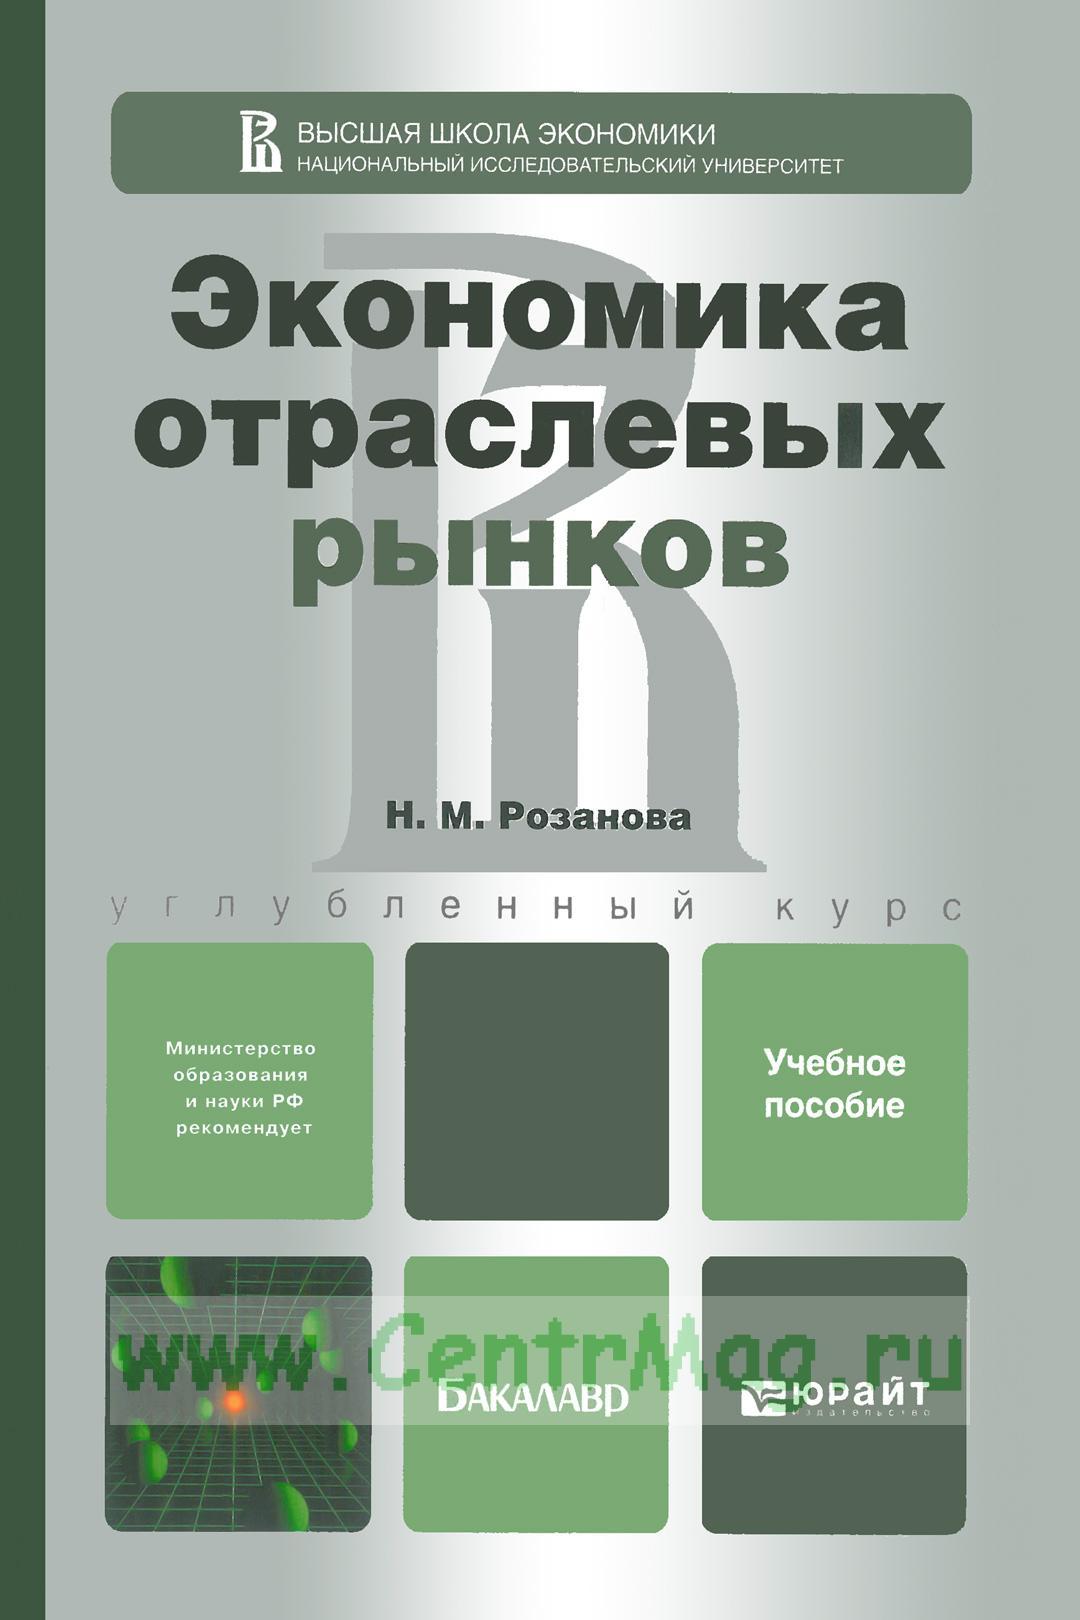 РОЗАНОВА ЭКОНОМИКА ОТРАСЛЕВЫХ РЫНКОВ 2011 СКАЧАТЬ БЕСПЛАТНО